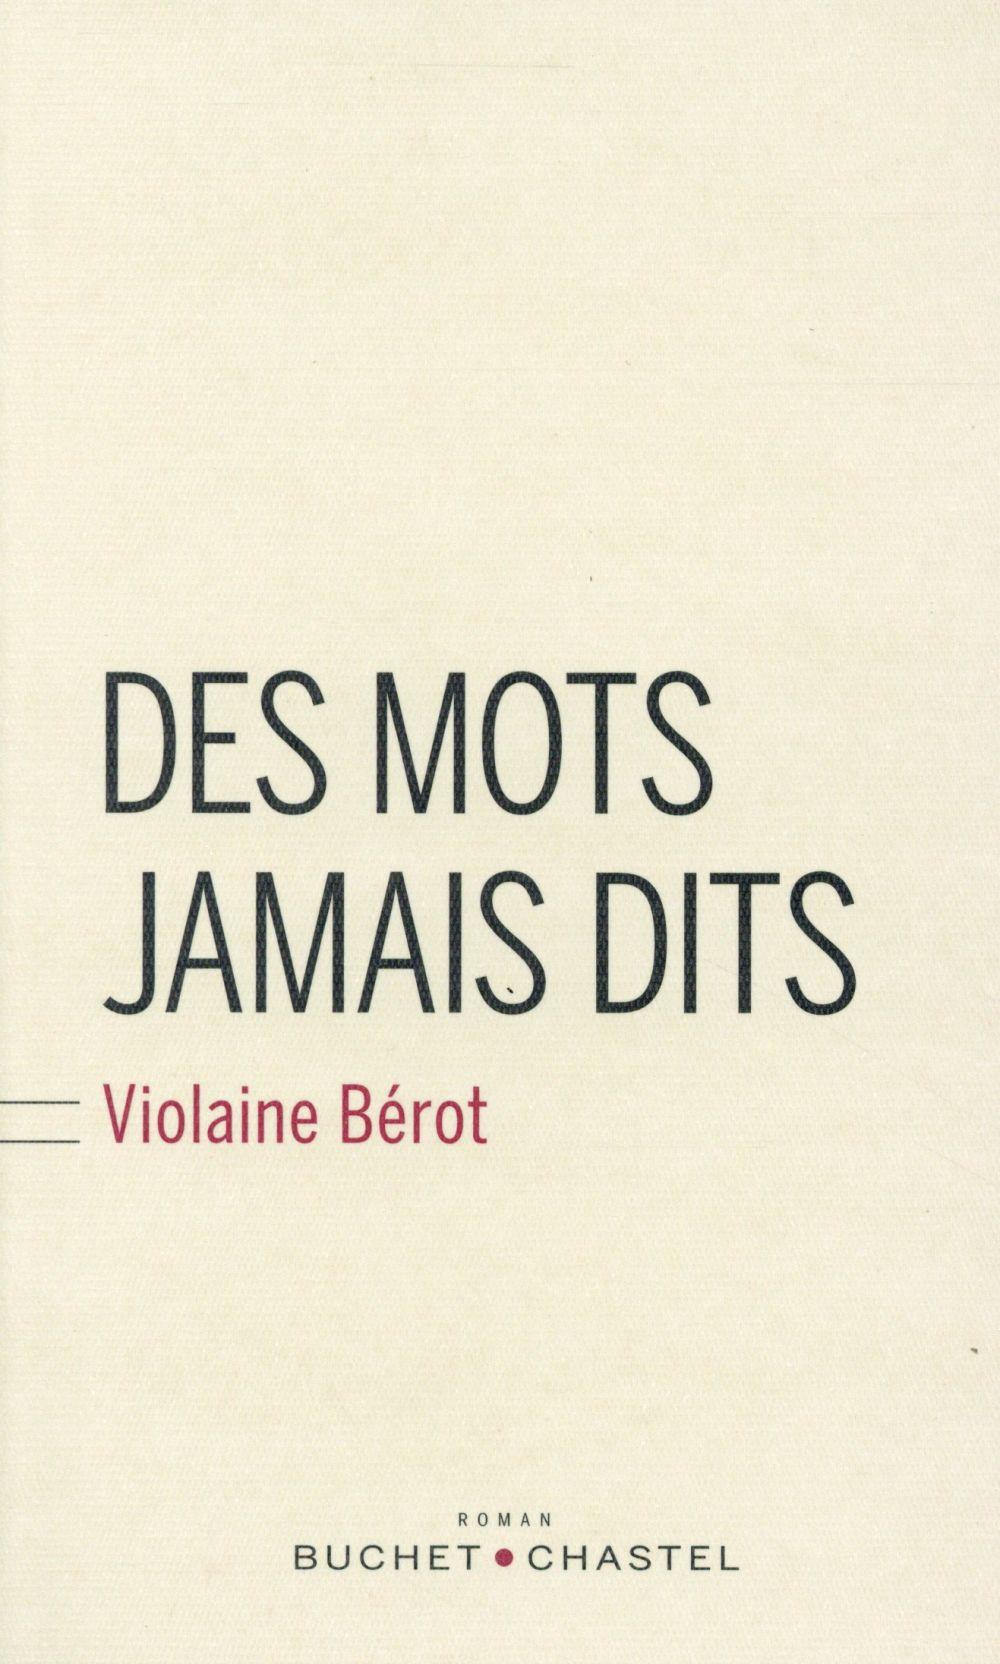 DES MOTS JAMAIS DITS